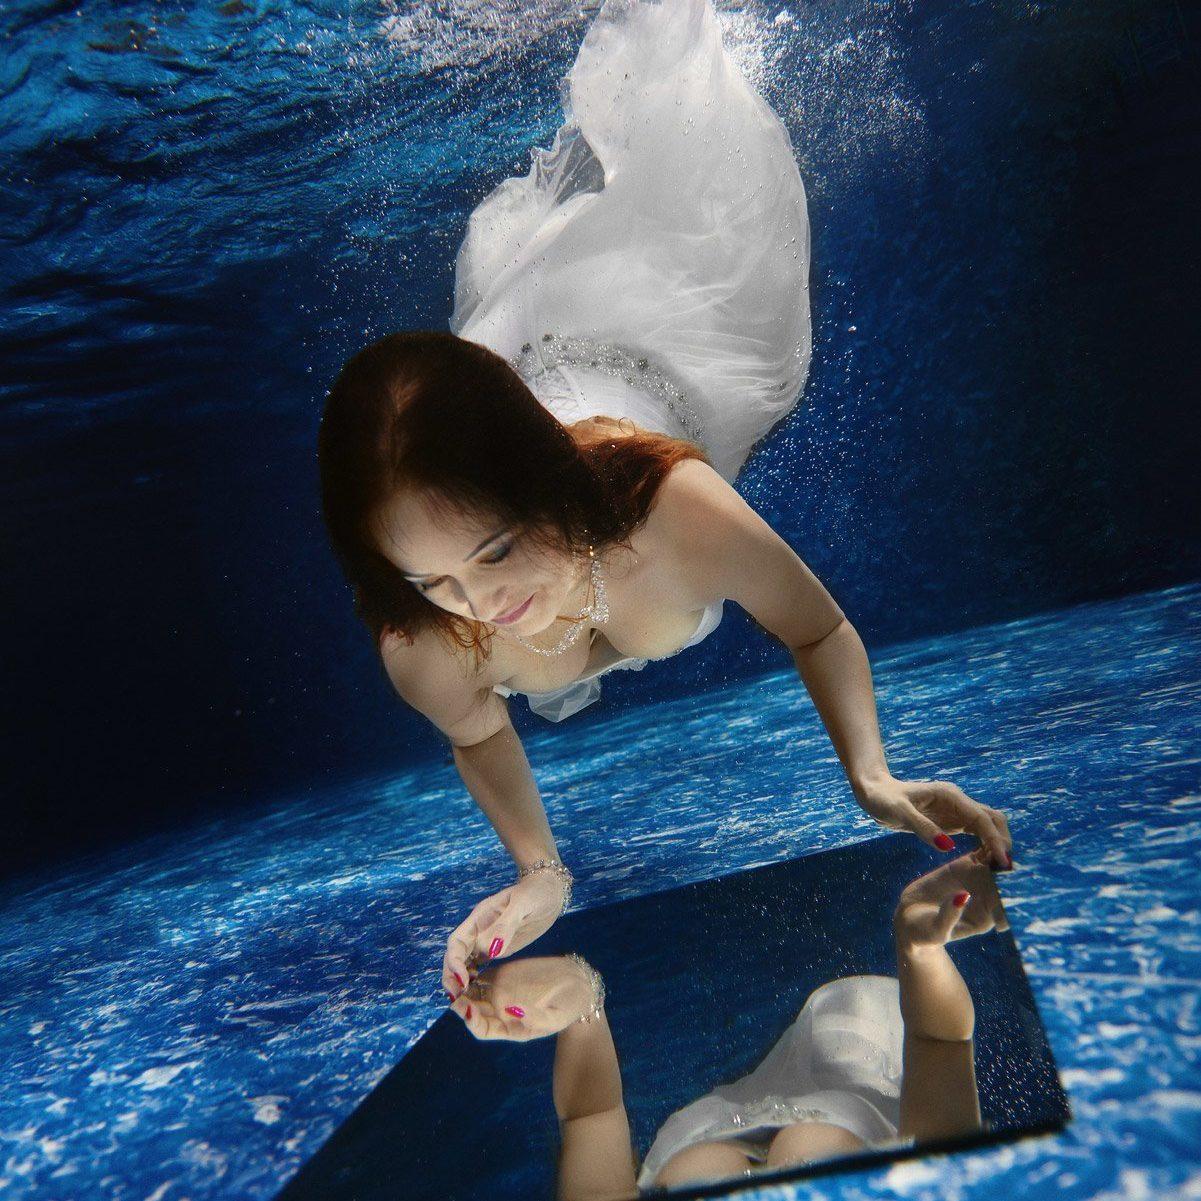 podwodne zdjęcia reklamowe